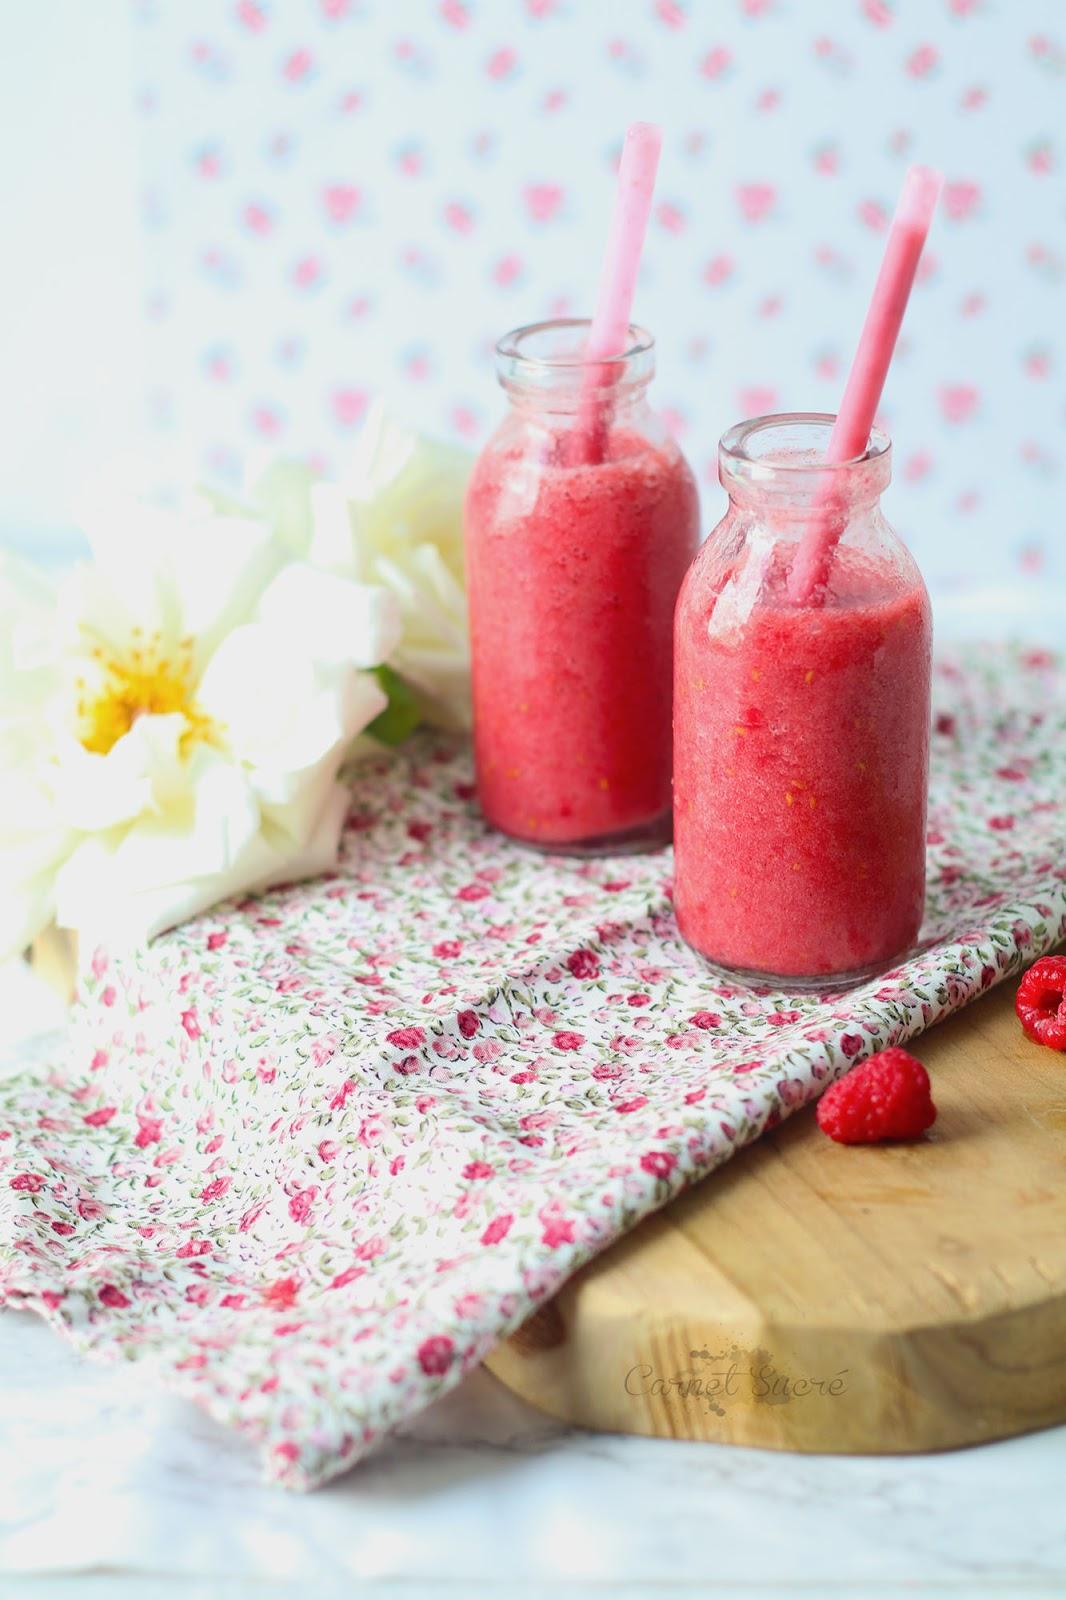 Recette de smoothie à la banane et aux framboises. Pour des matins gourmands et sains !